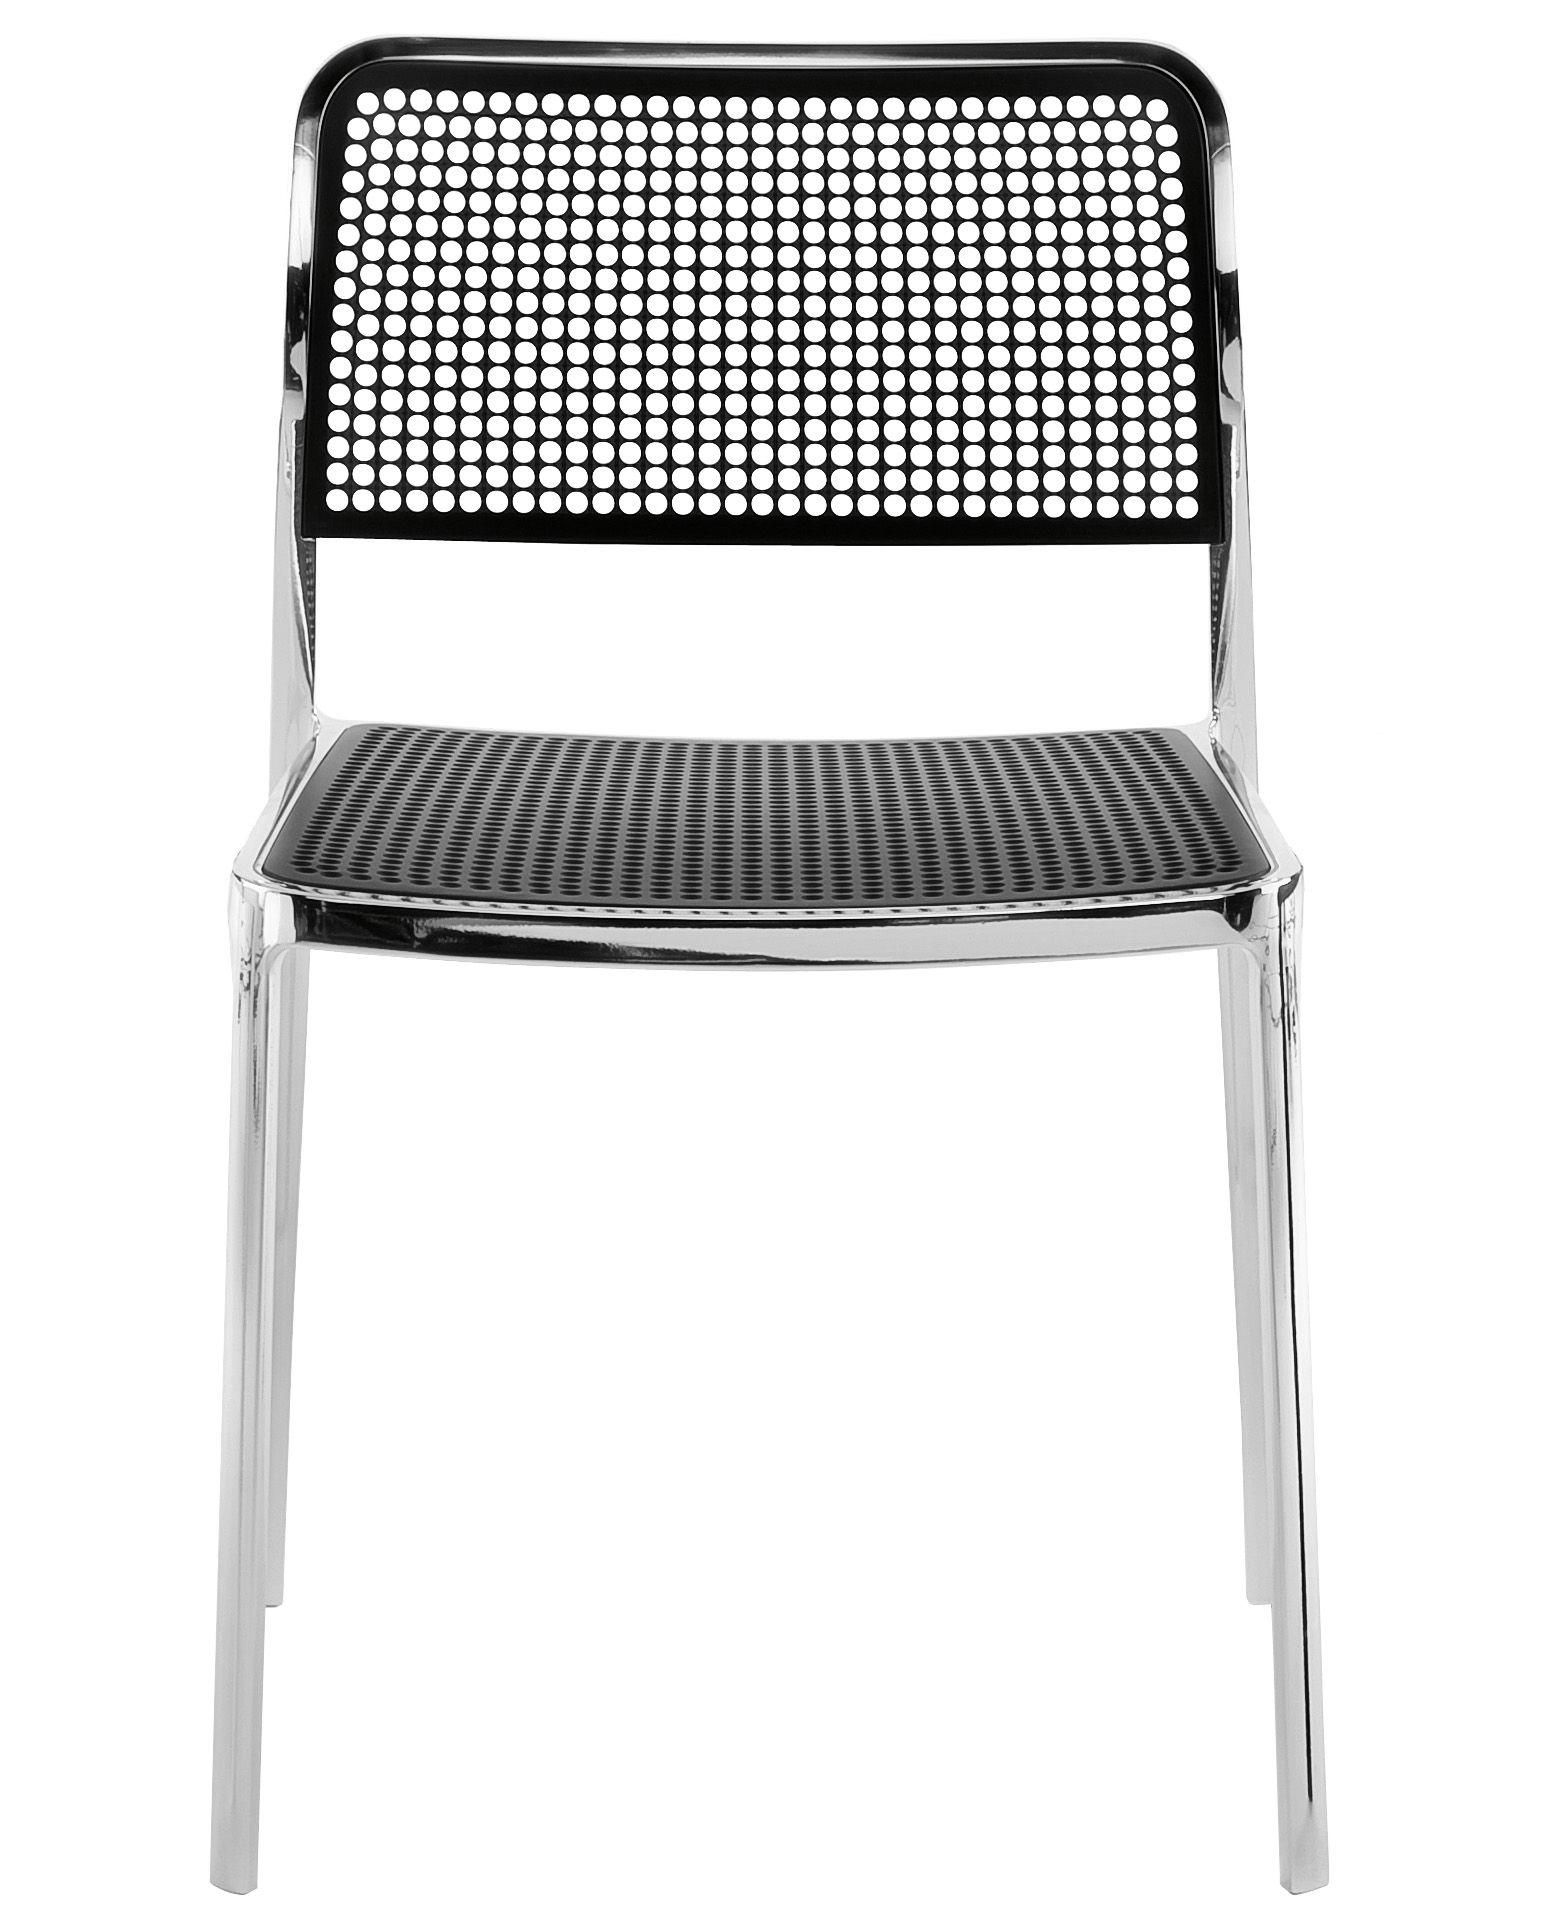 Arredamento - Sedie  - Sedia impilabile Audrey - struttura alluminio lucido di Kartell - Struttura alluminio lucido/ Seduta nera - Alluminio lucido, Polipropilene